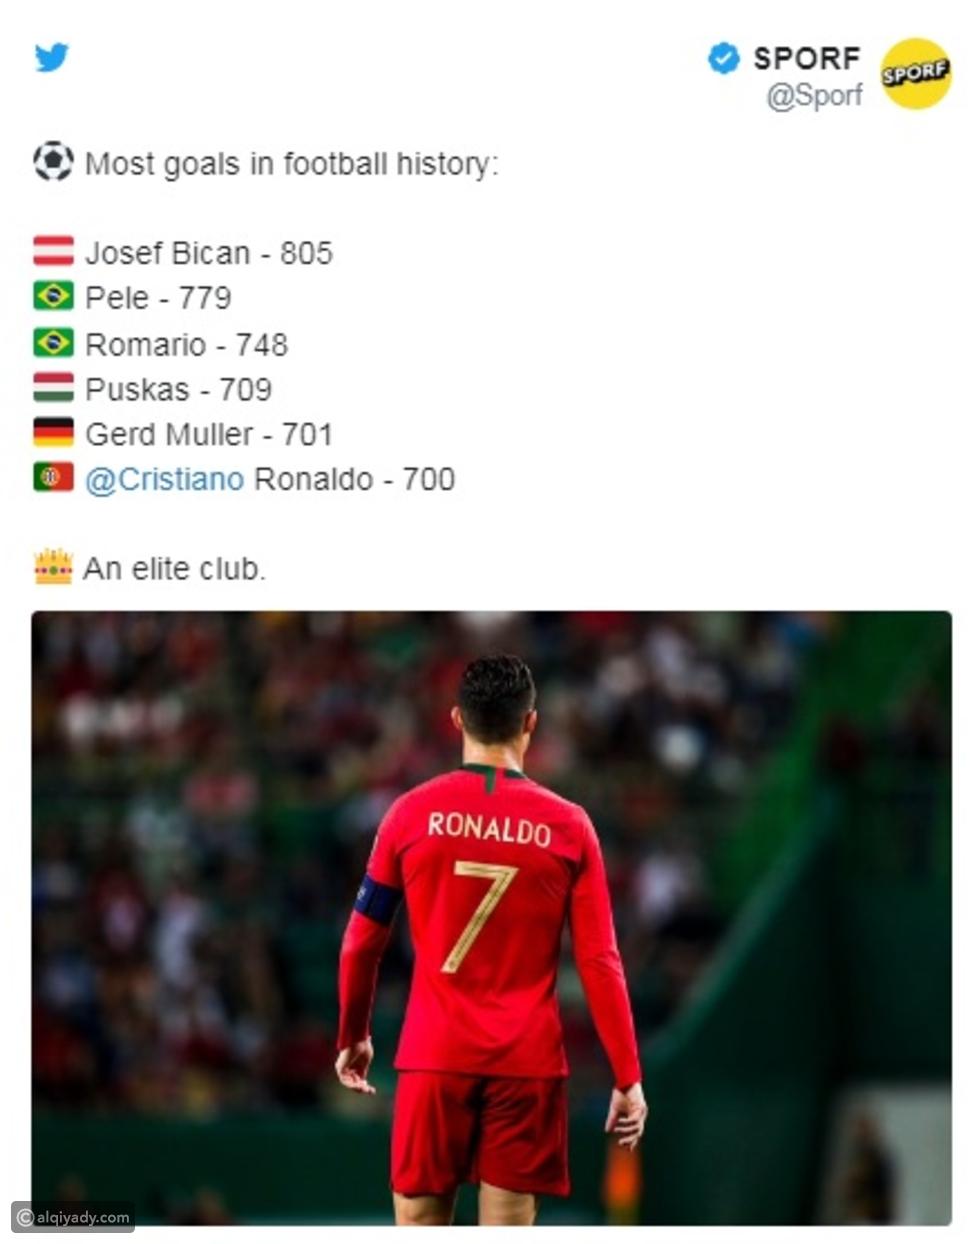 فيديو: أول تعليق لرونالدو بعد إنجازه التاريخي ووصوله إلى الهدف رقم 700